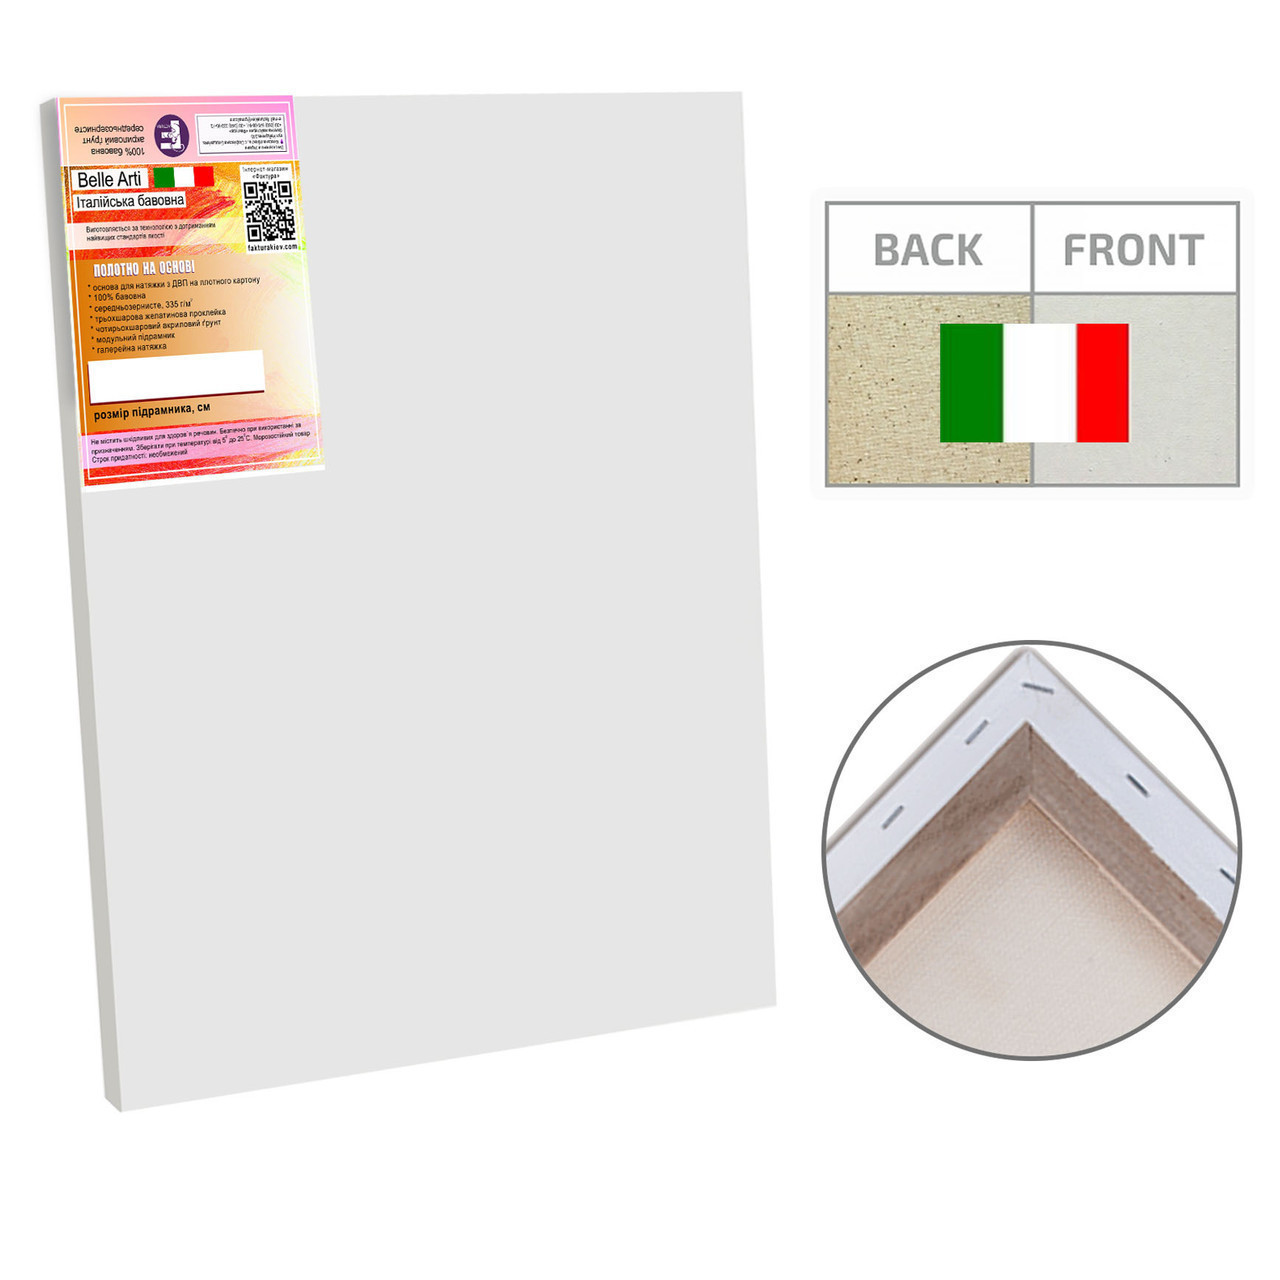 Холст на подрамнике Factura BelleArti 60х60 см Итальянский хлопок 285 грамм кв.м. среднее зерно белый